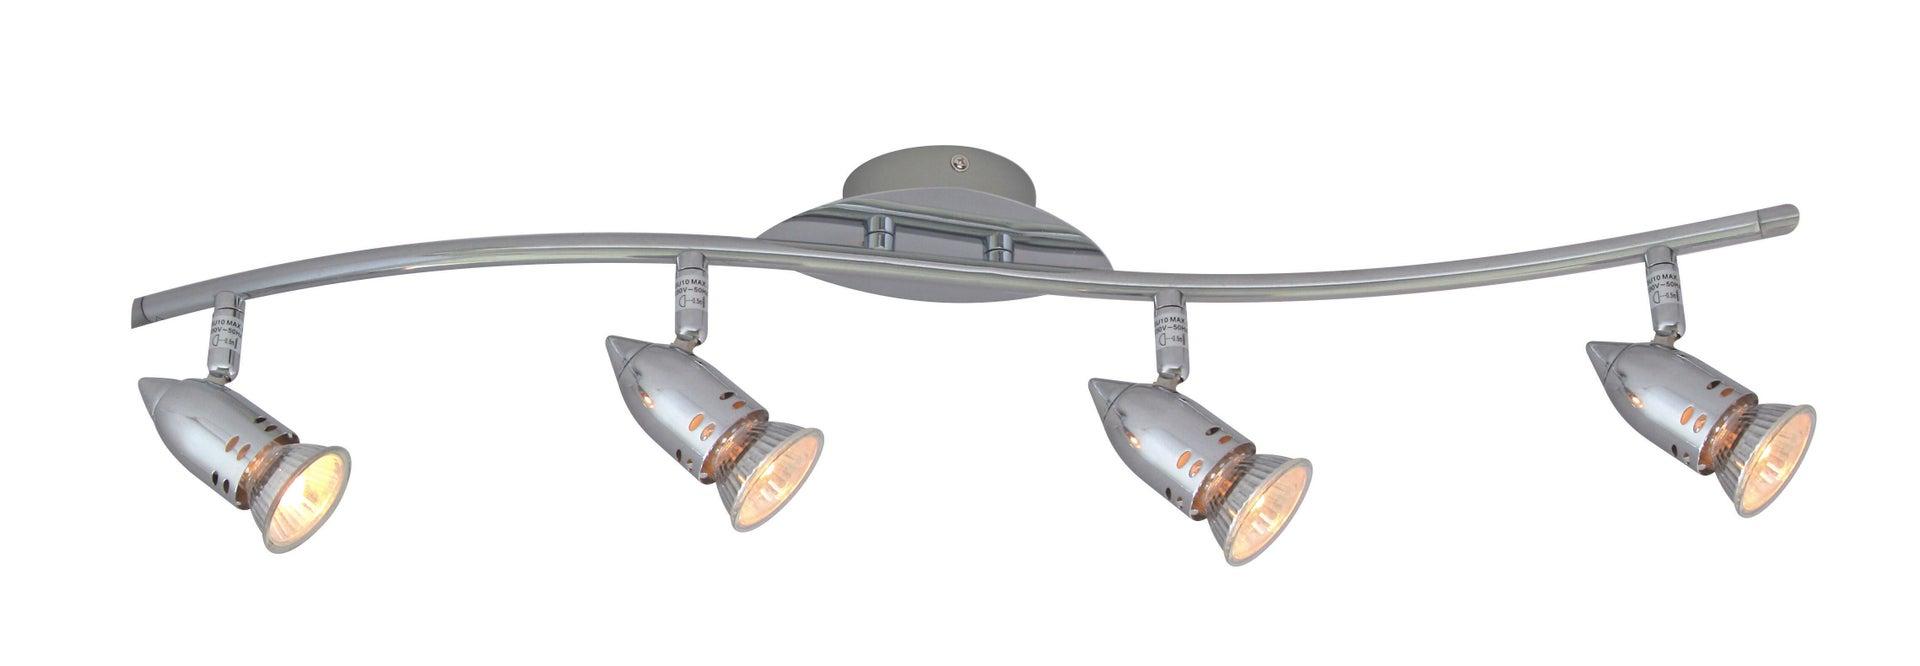 Barra di faretti BOMBER cromo, argento, in metallo, GU10 4x50W IP20 INSPIRE - 6